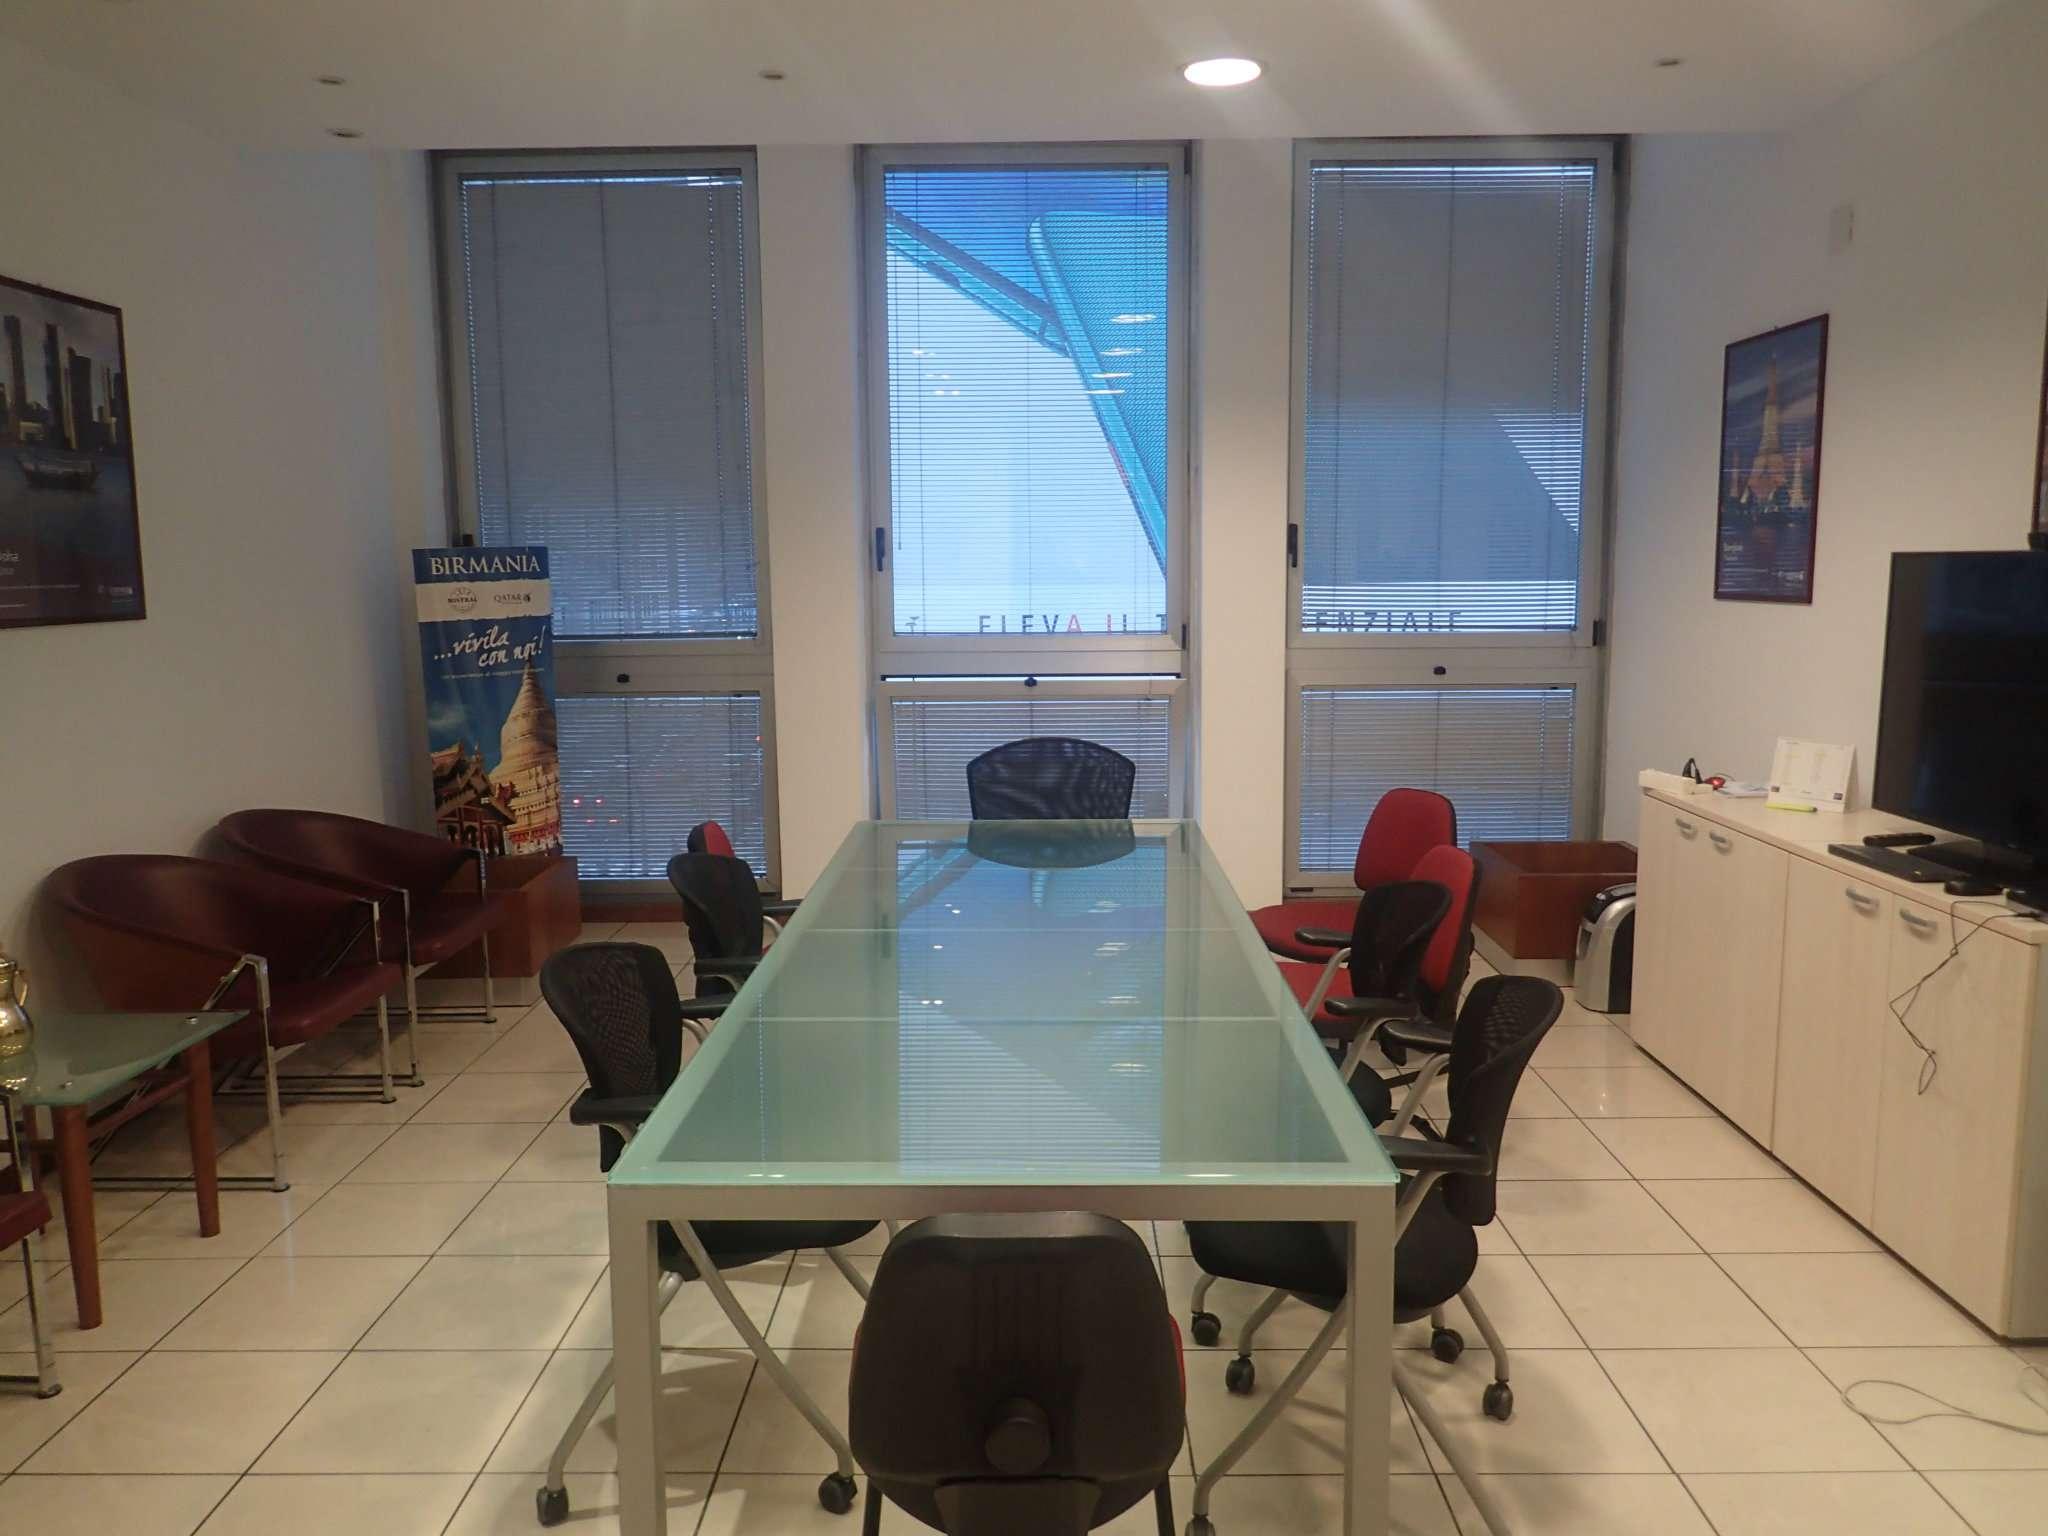 Ufficio-studio in Vendita a Milano 02 Brera / Volta / Repubblica: 3 locali, 135 mq